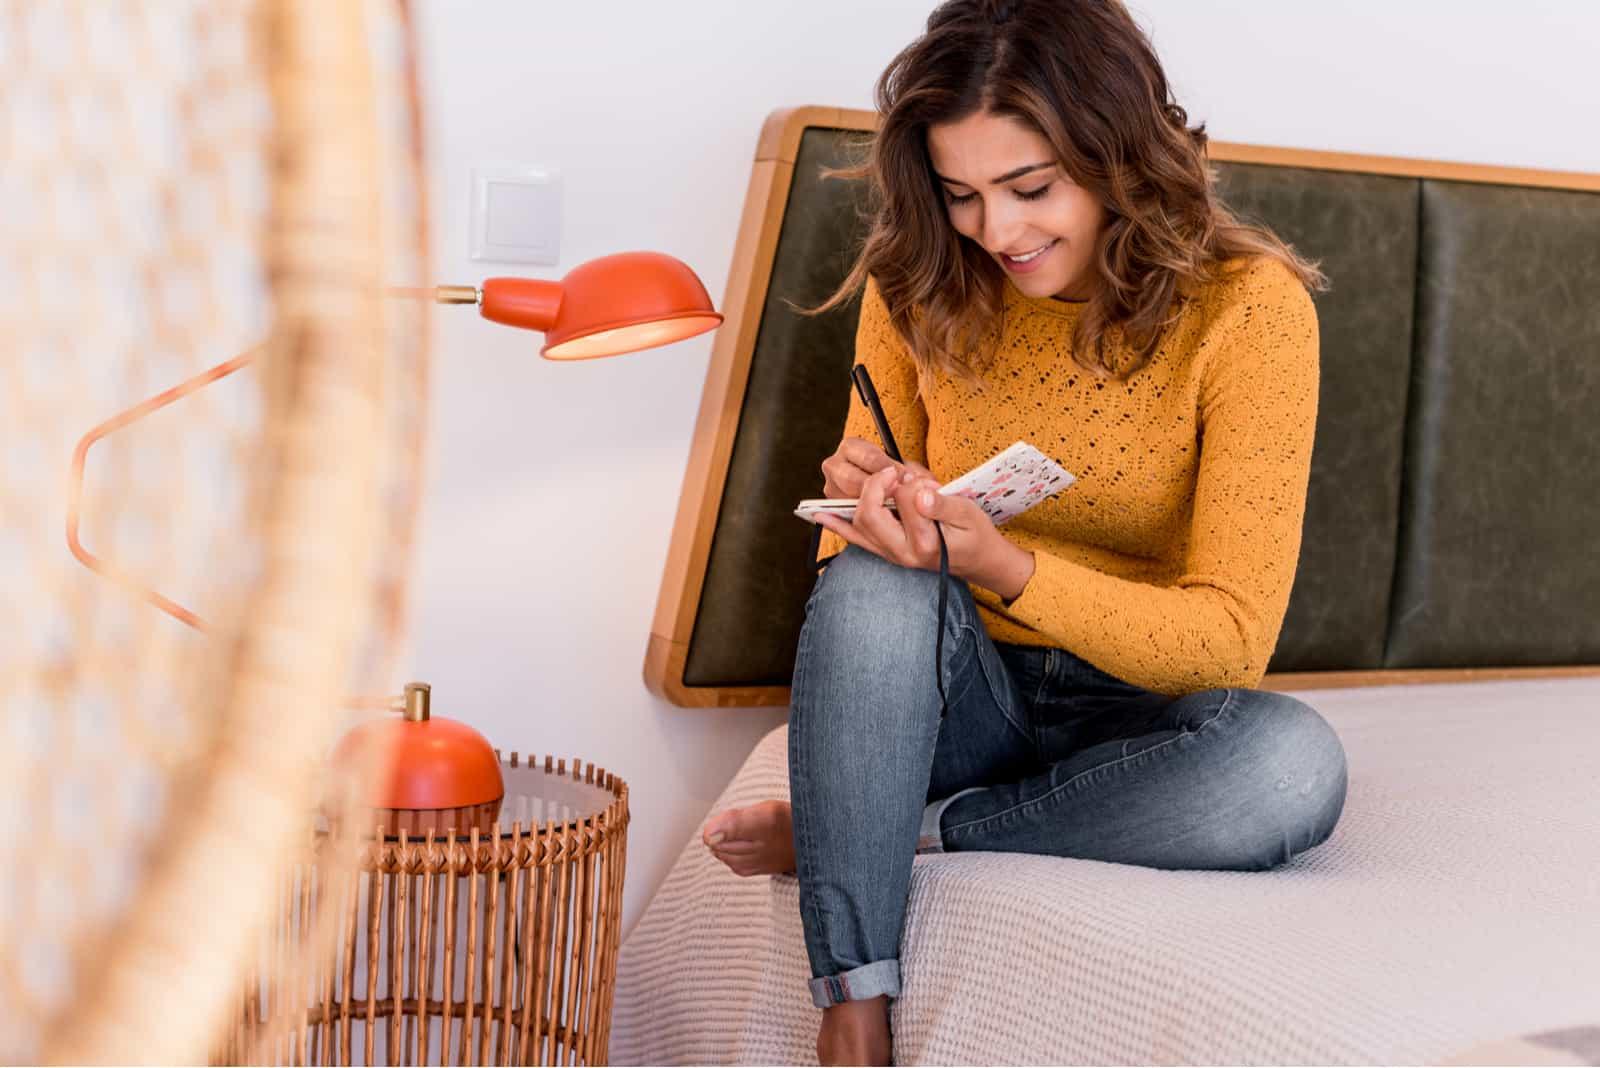 une femme souriante aux cheveux crépus est assise sur le lit et écrit